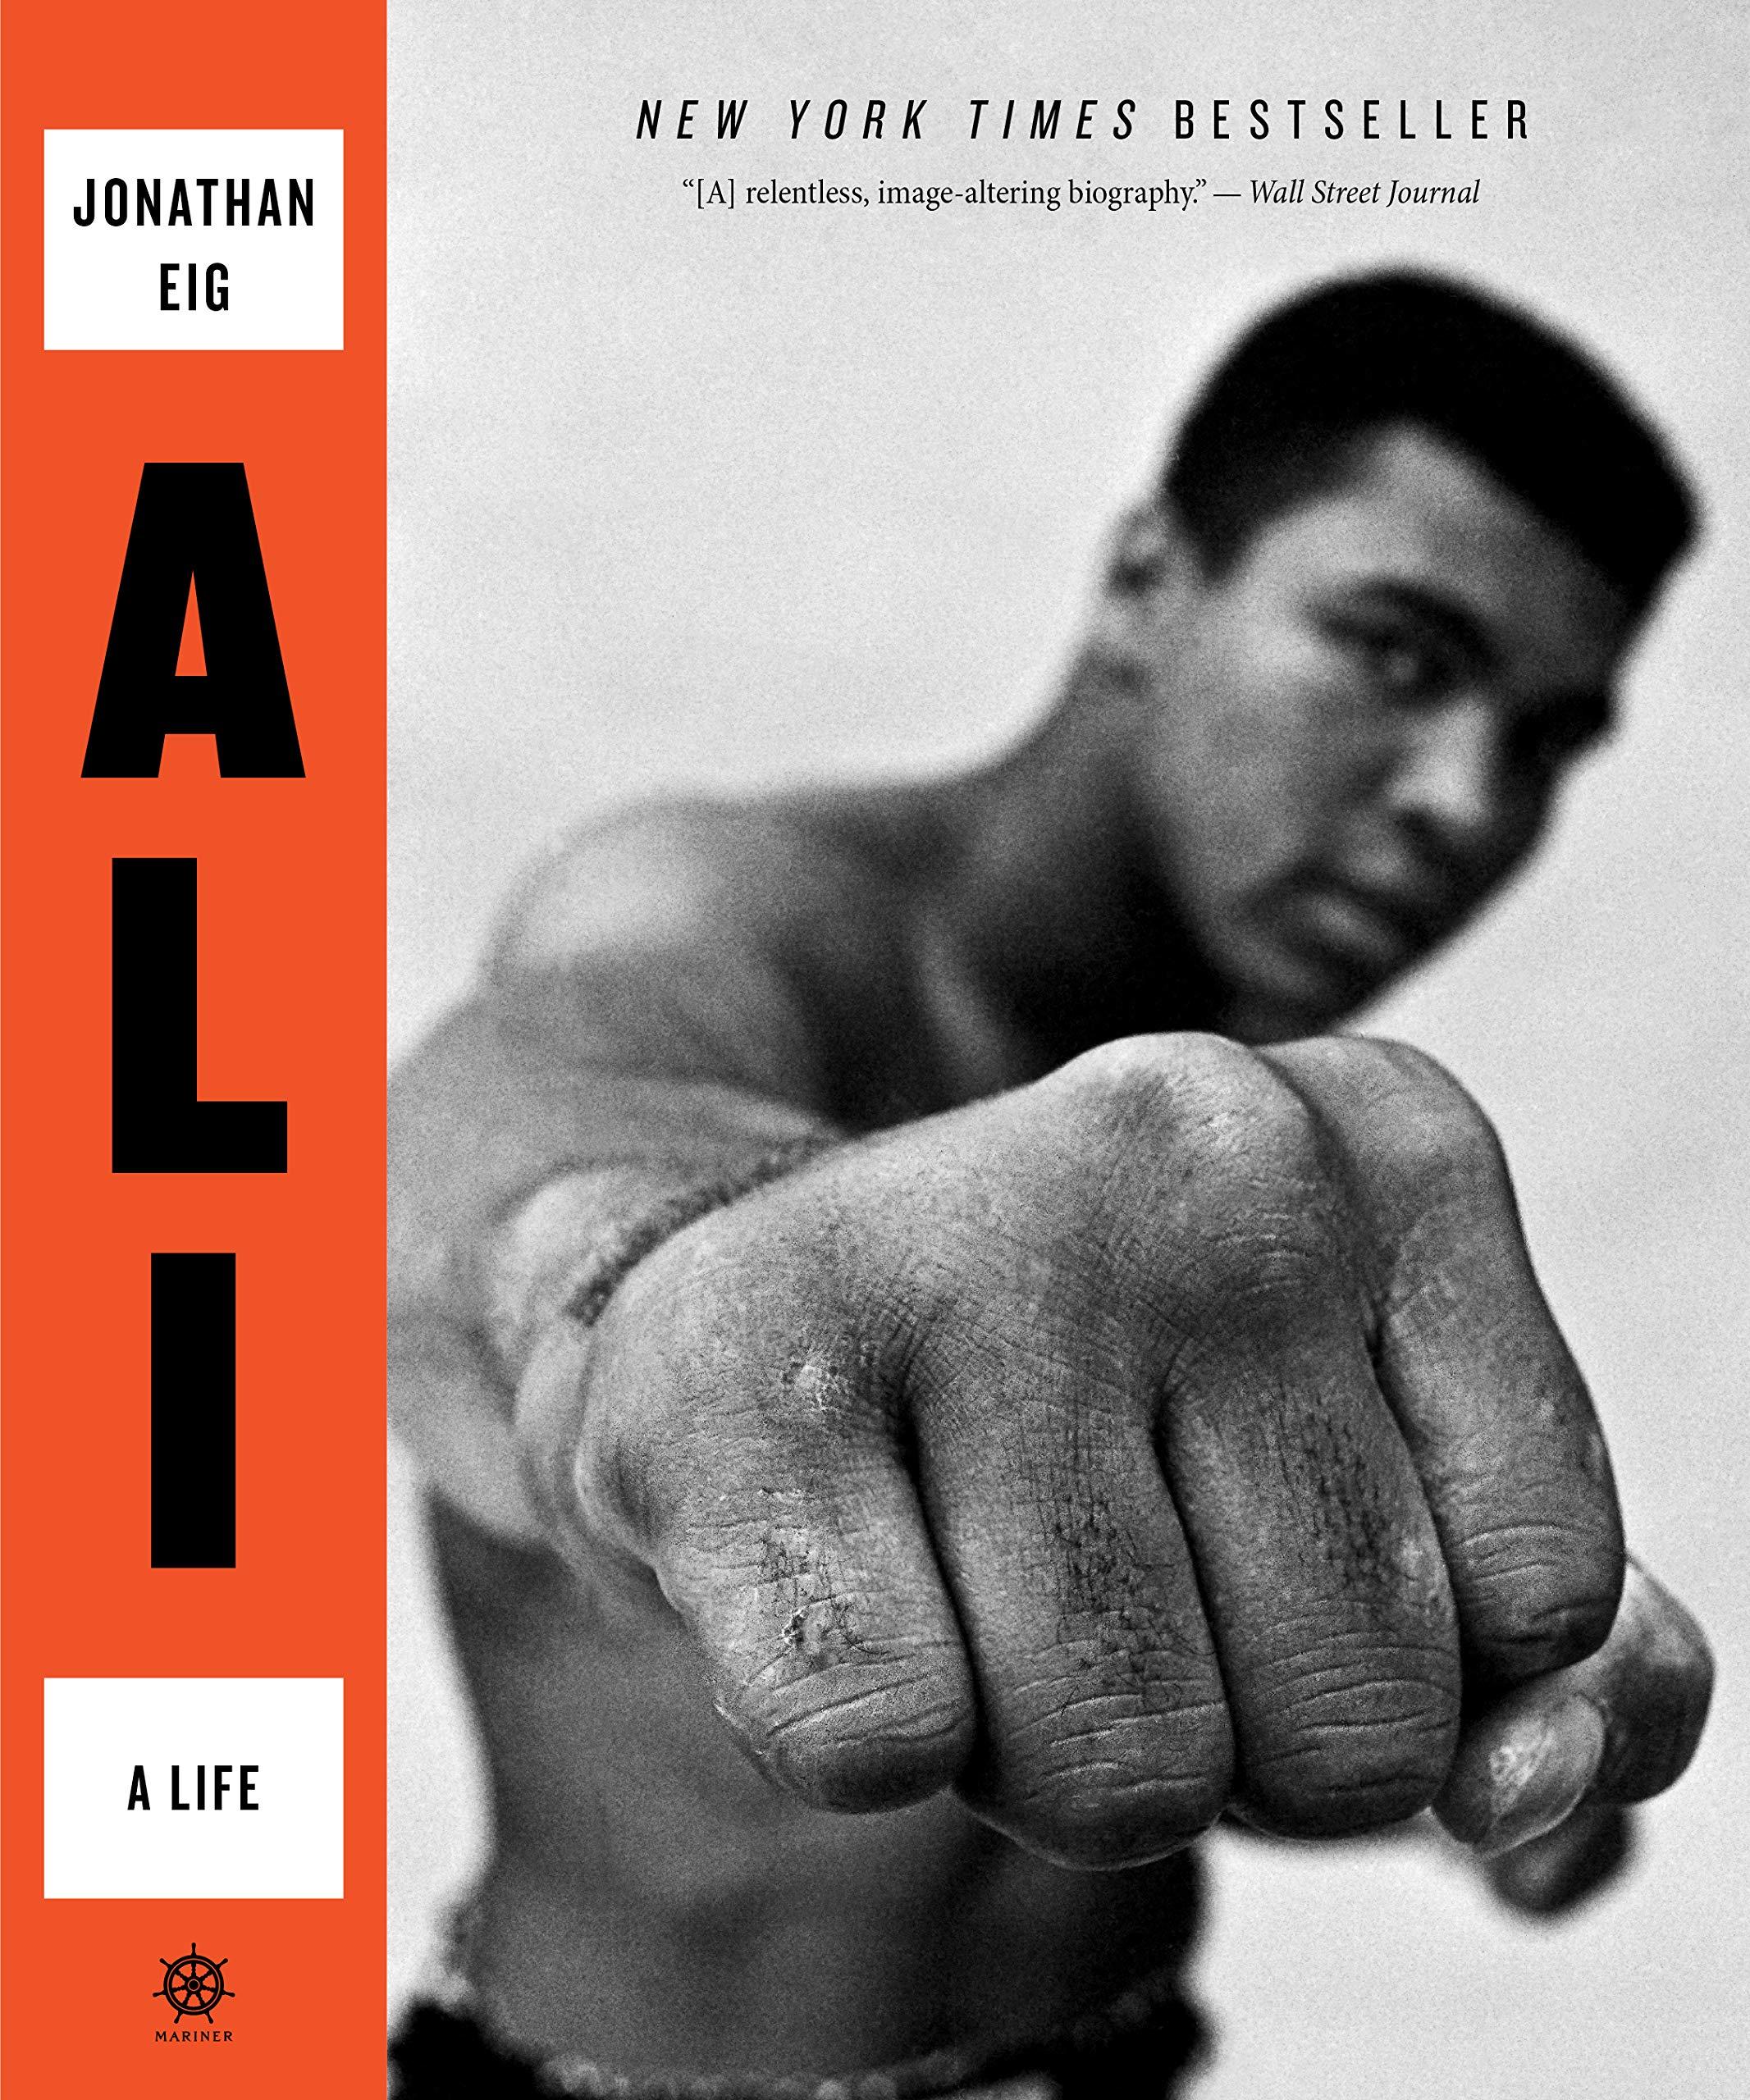 Amazon.com: Ali: A Life (9781328505699): Eig, Jonathan: Books